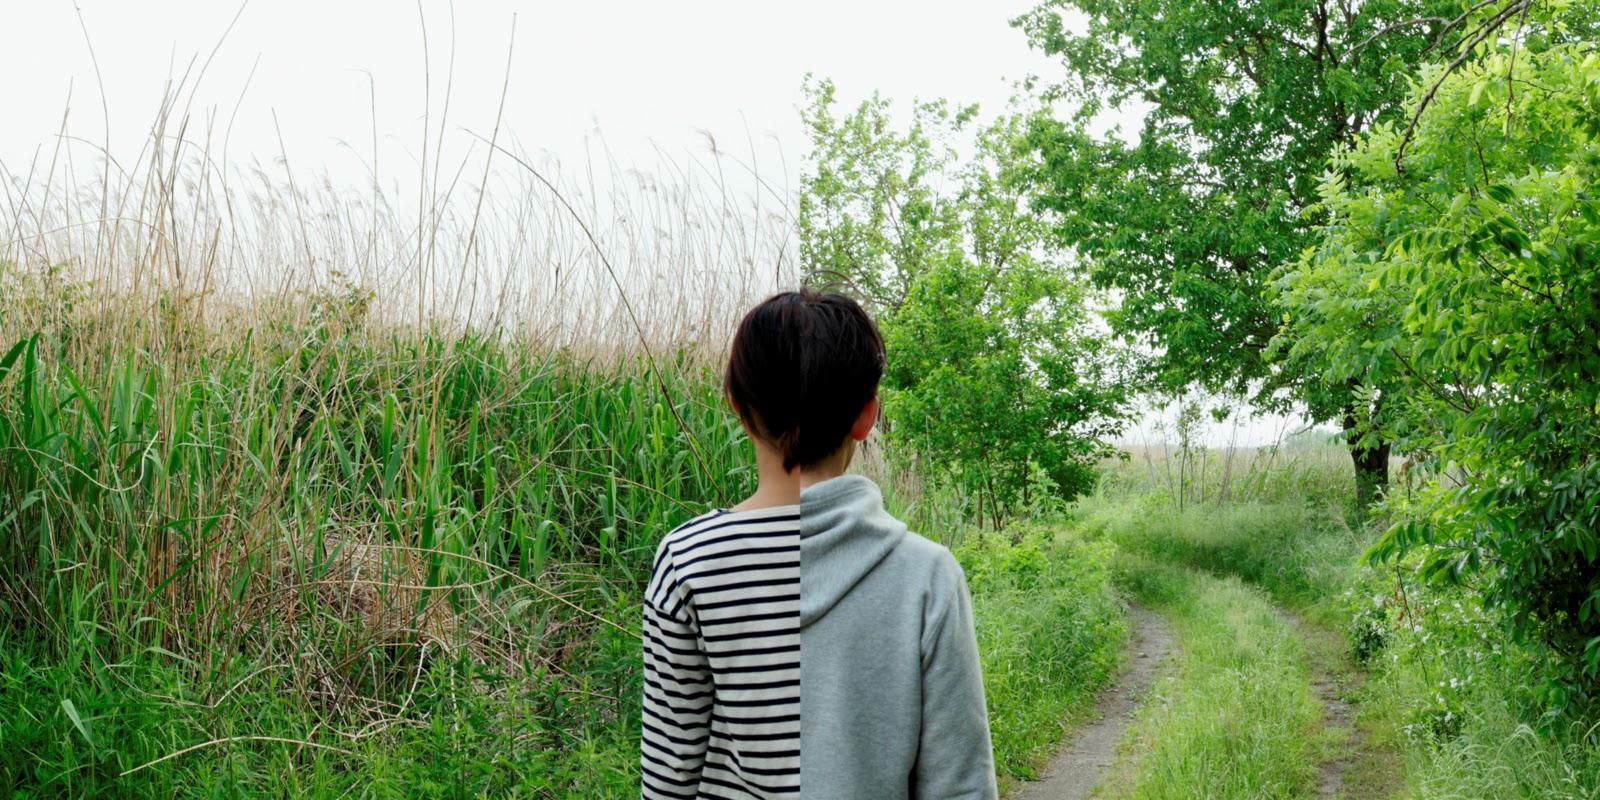 Toshiya Tsunoda – Bottle at park